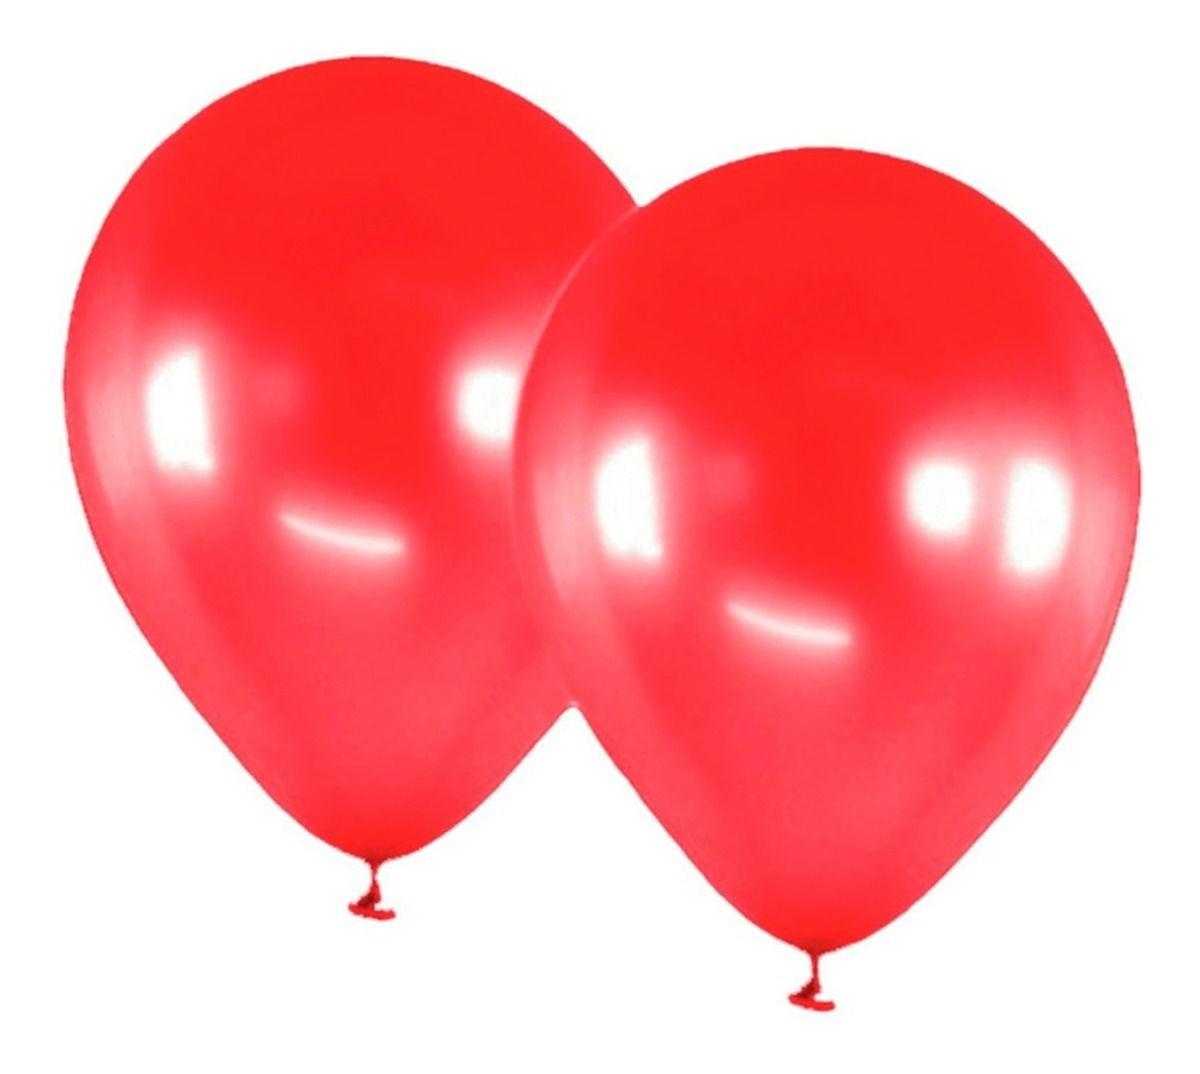 Balão Art Latex Nº9 Vermelho - Bexiga Metalizada 50 unidades